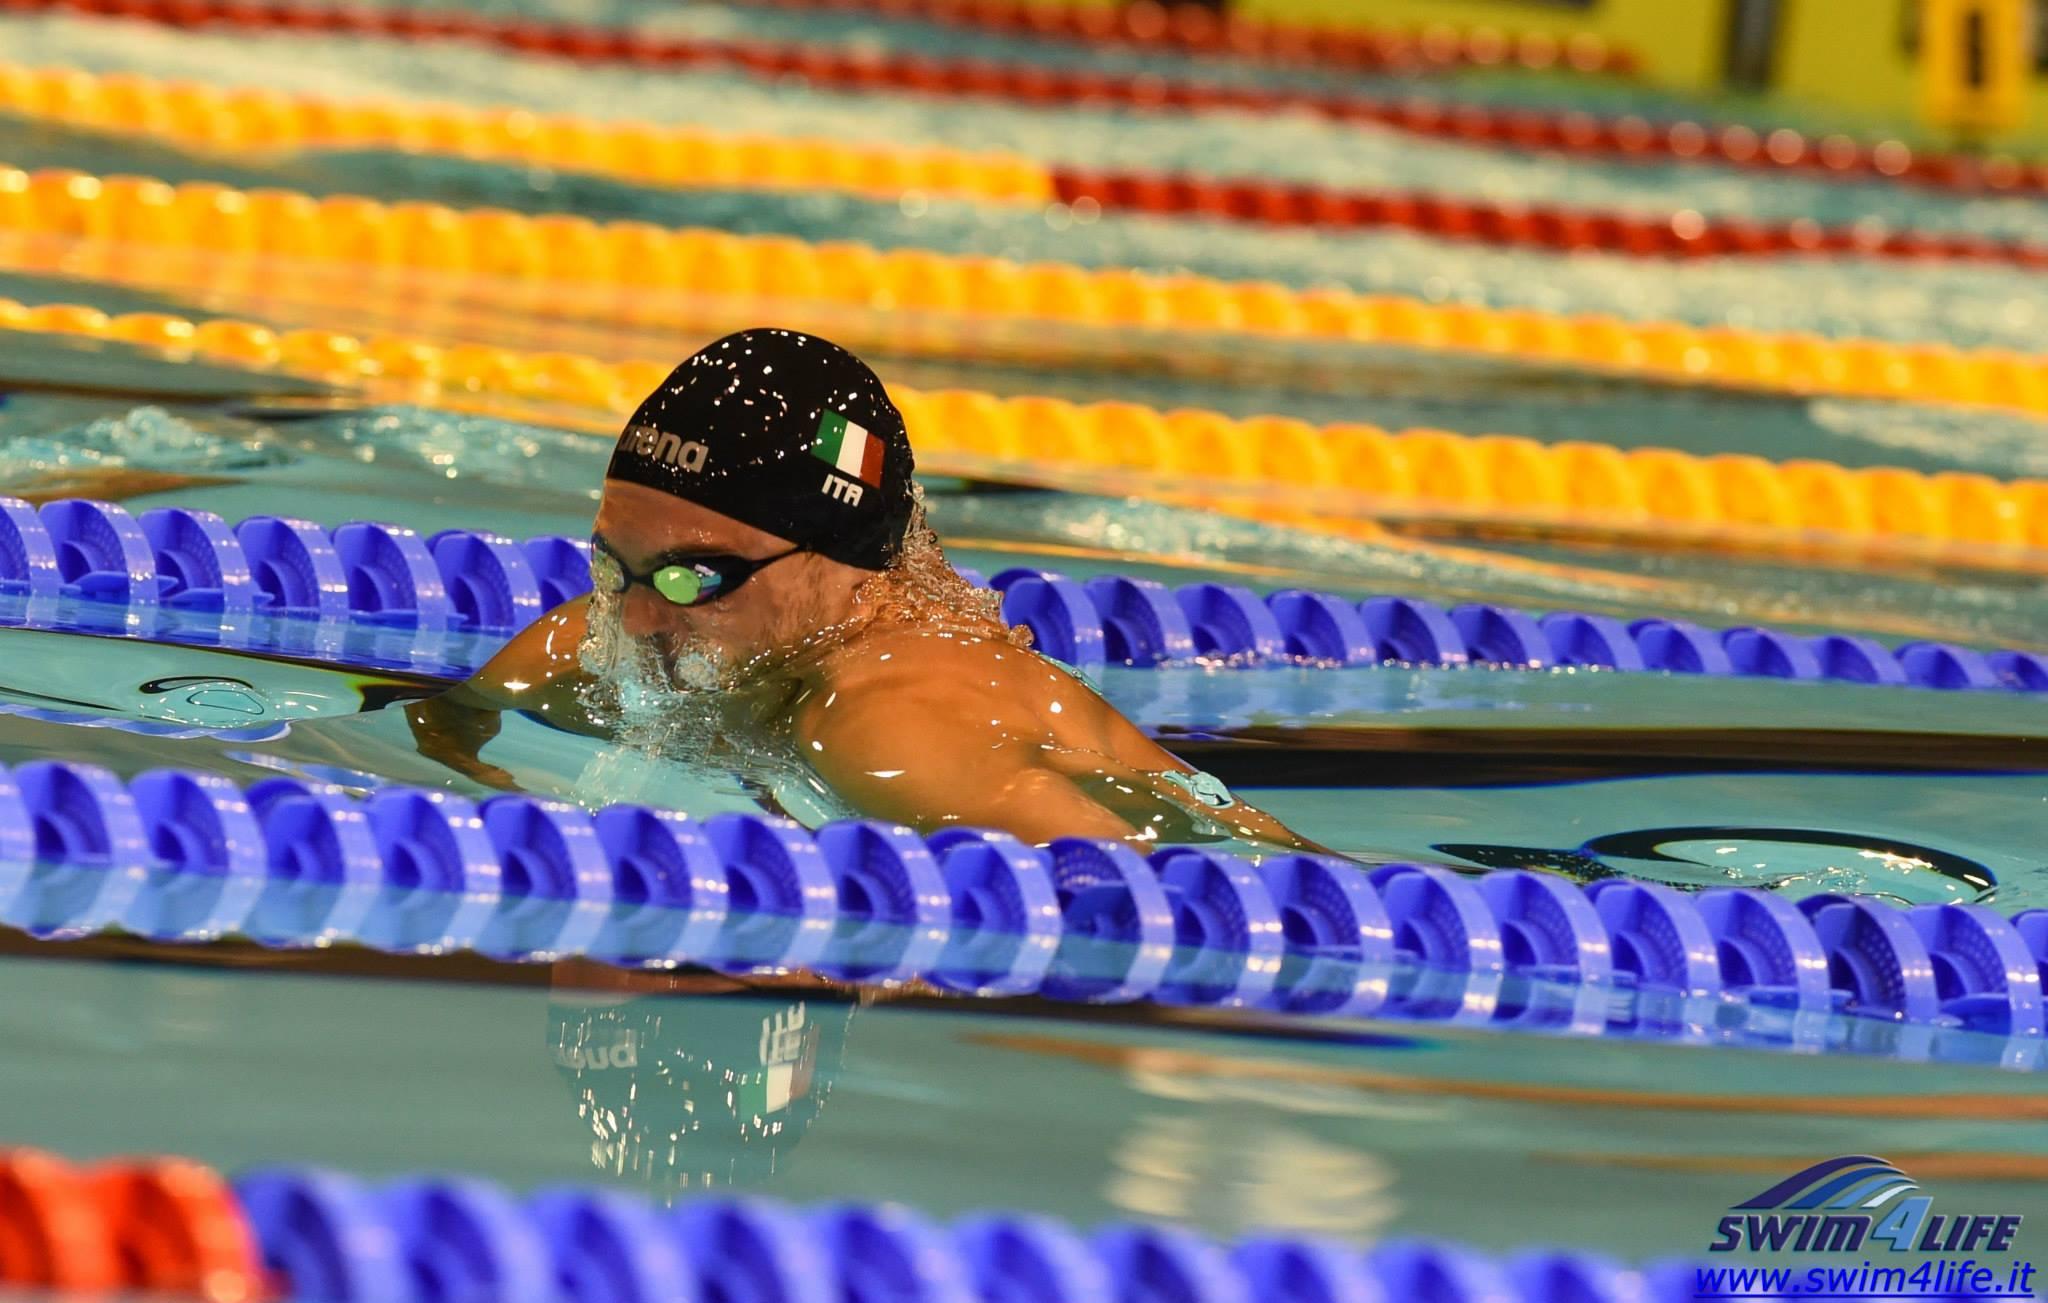 Raggi uv l 39 alternativa al cloro nelle piscine for Cloro nelle piscine